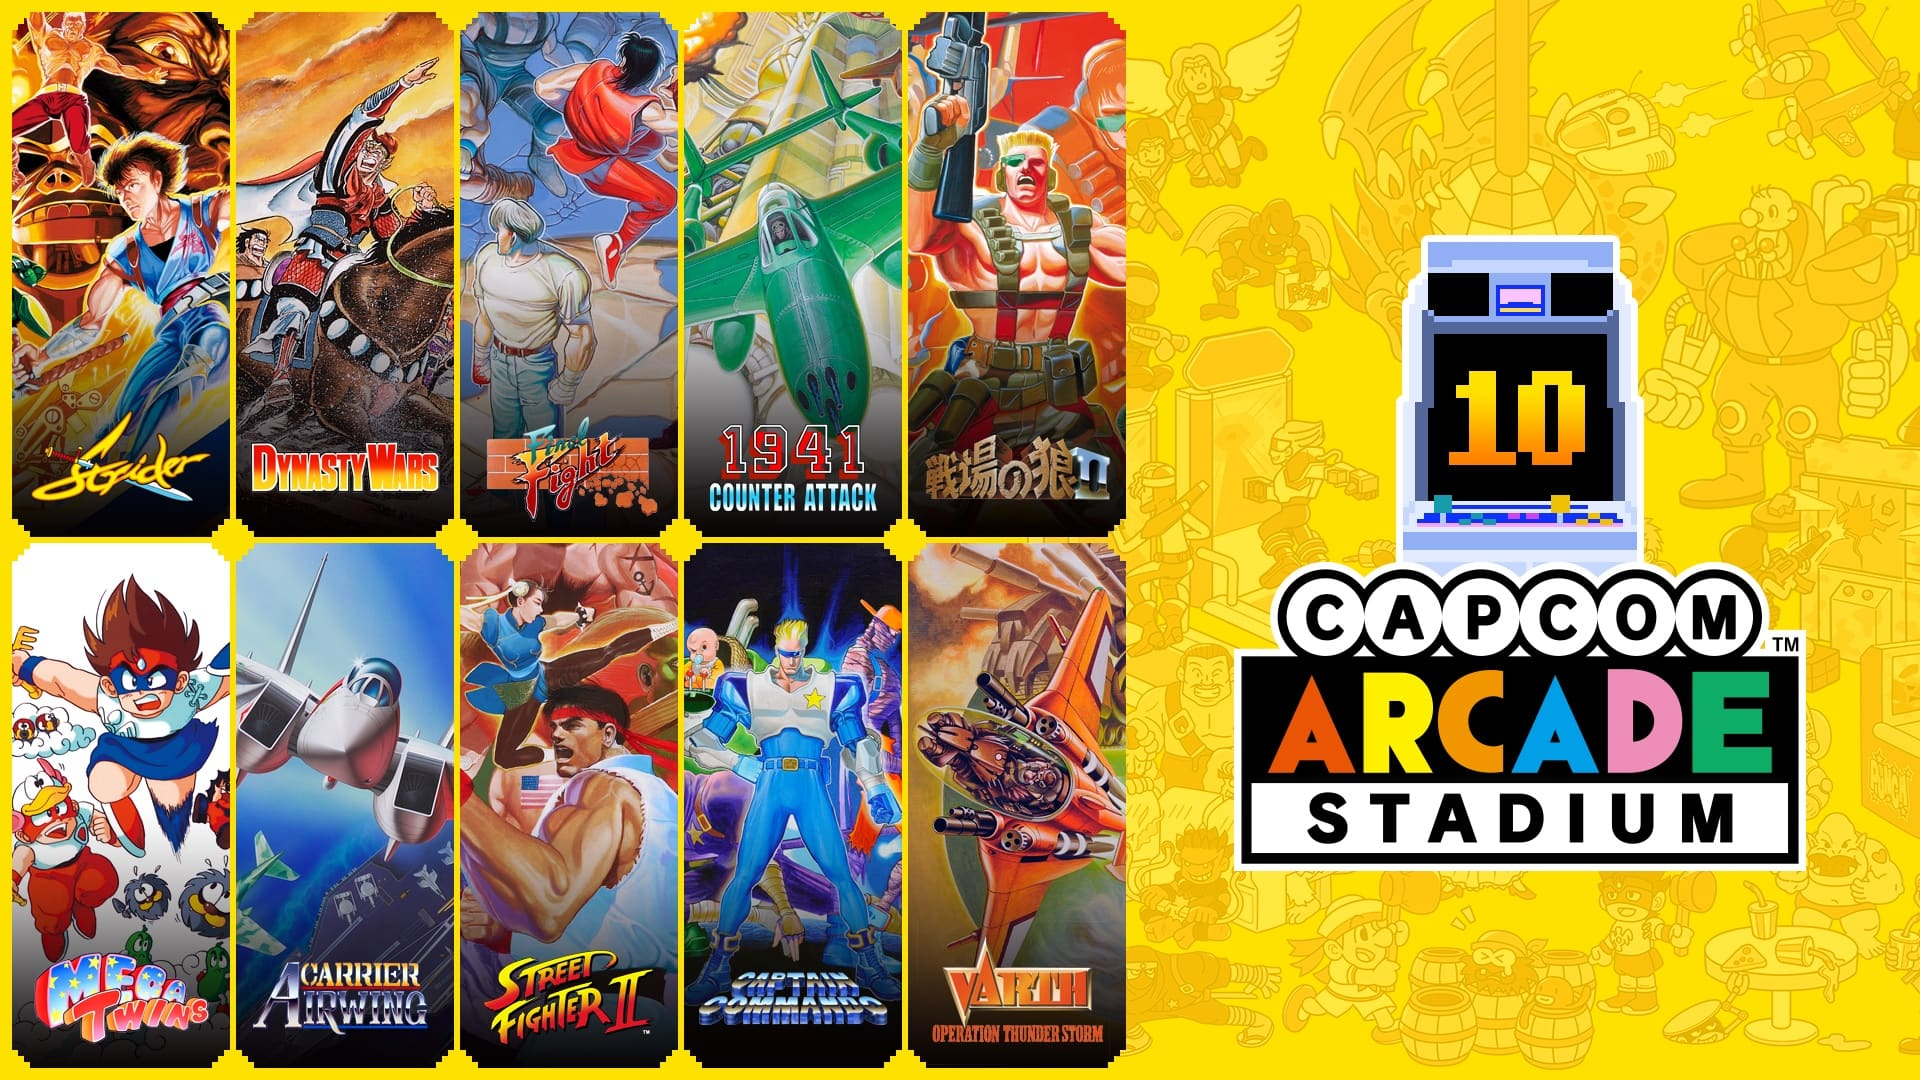 Capcom Arcade Stadium Pack 2 Image